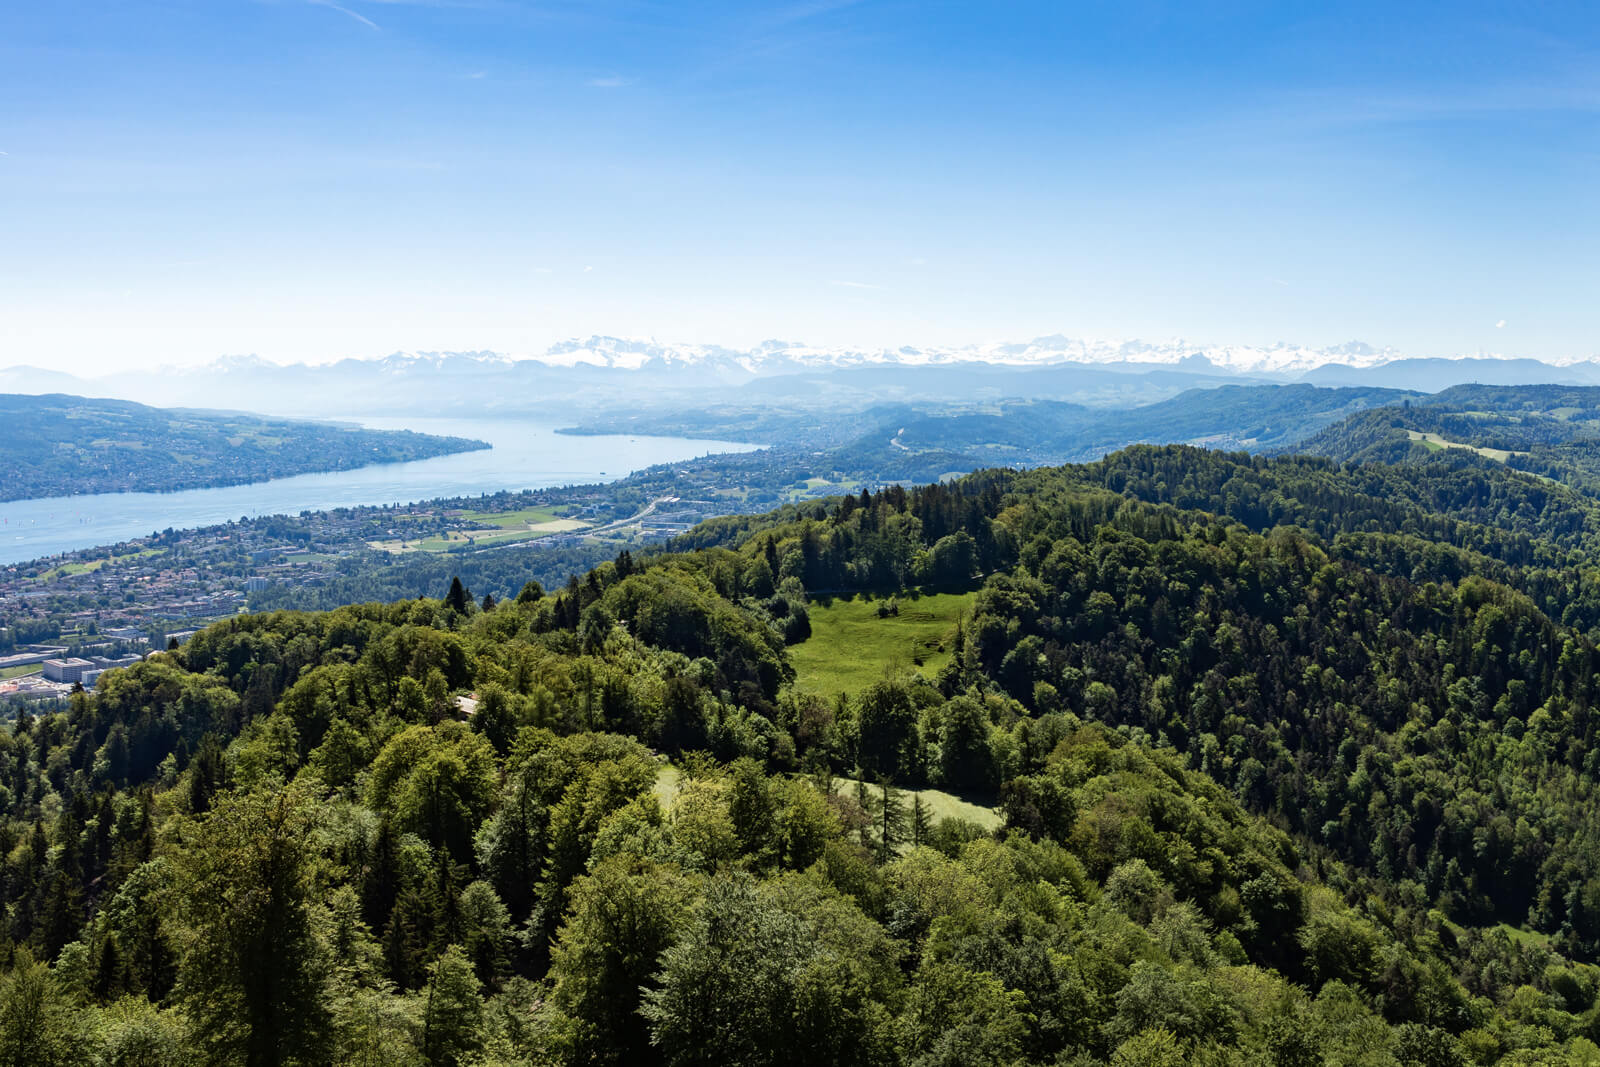 View from Uetliberg in Zürich, Switzerland